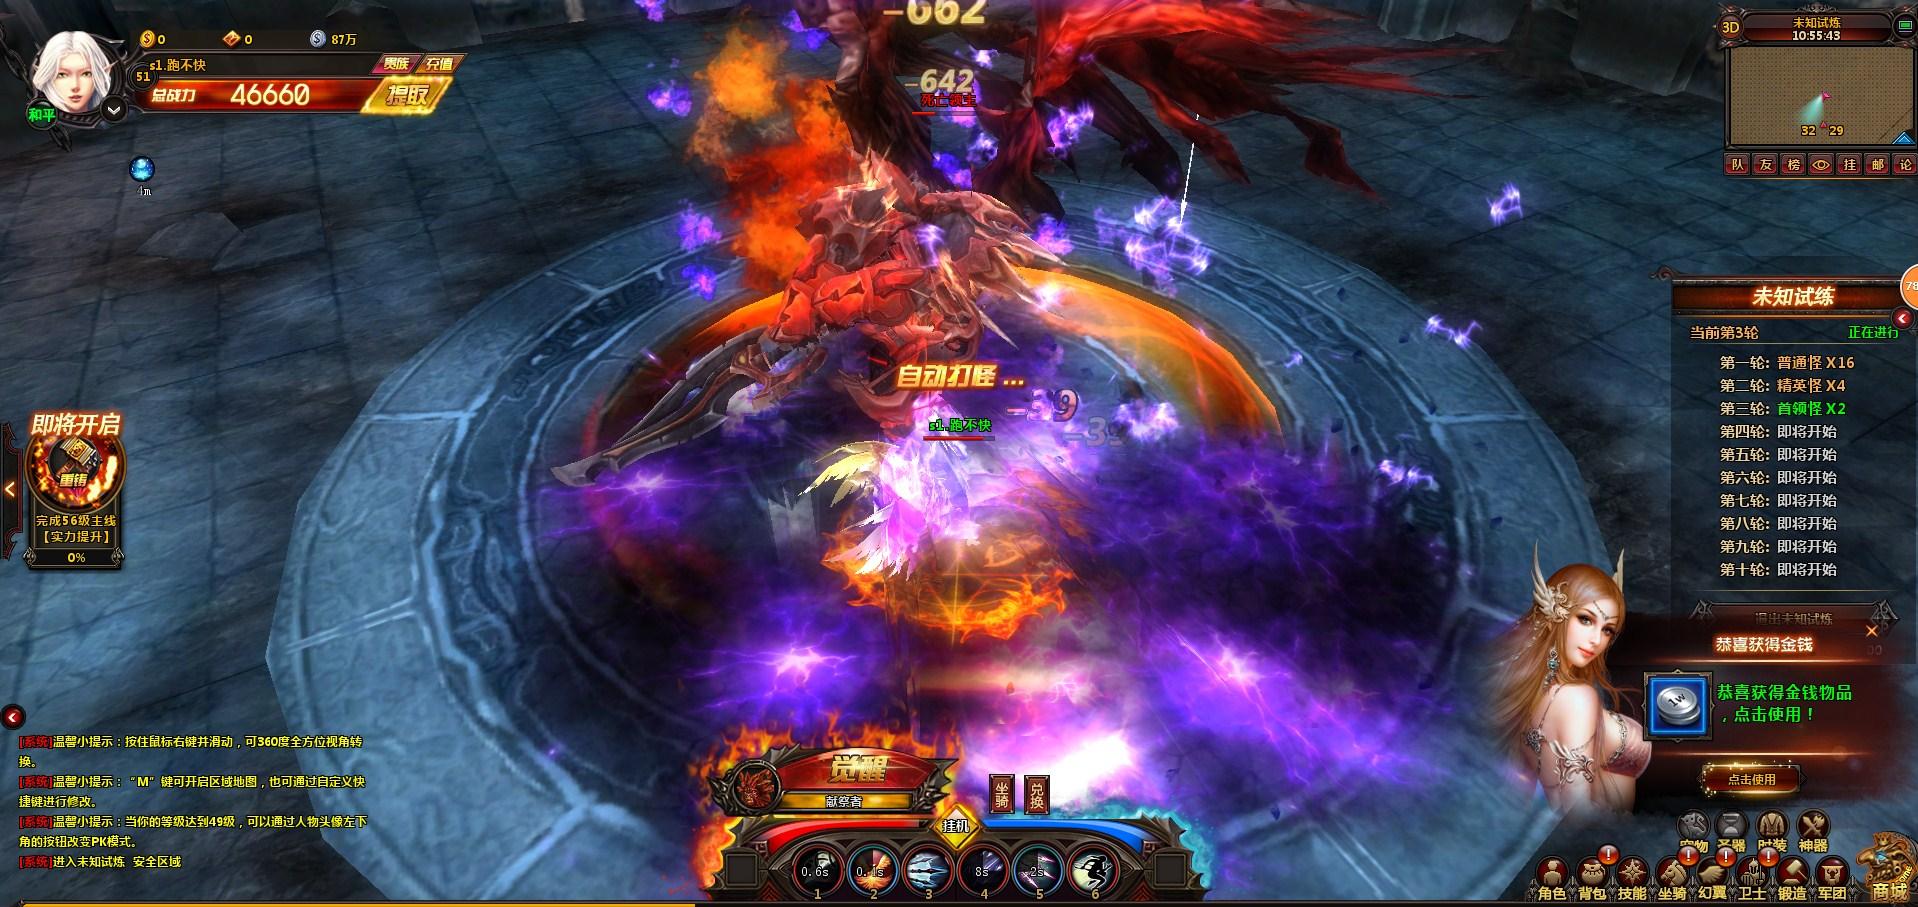 《魔兽王座》游戏截图